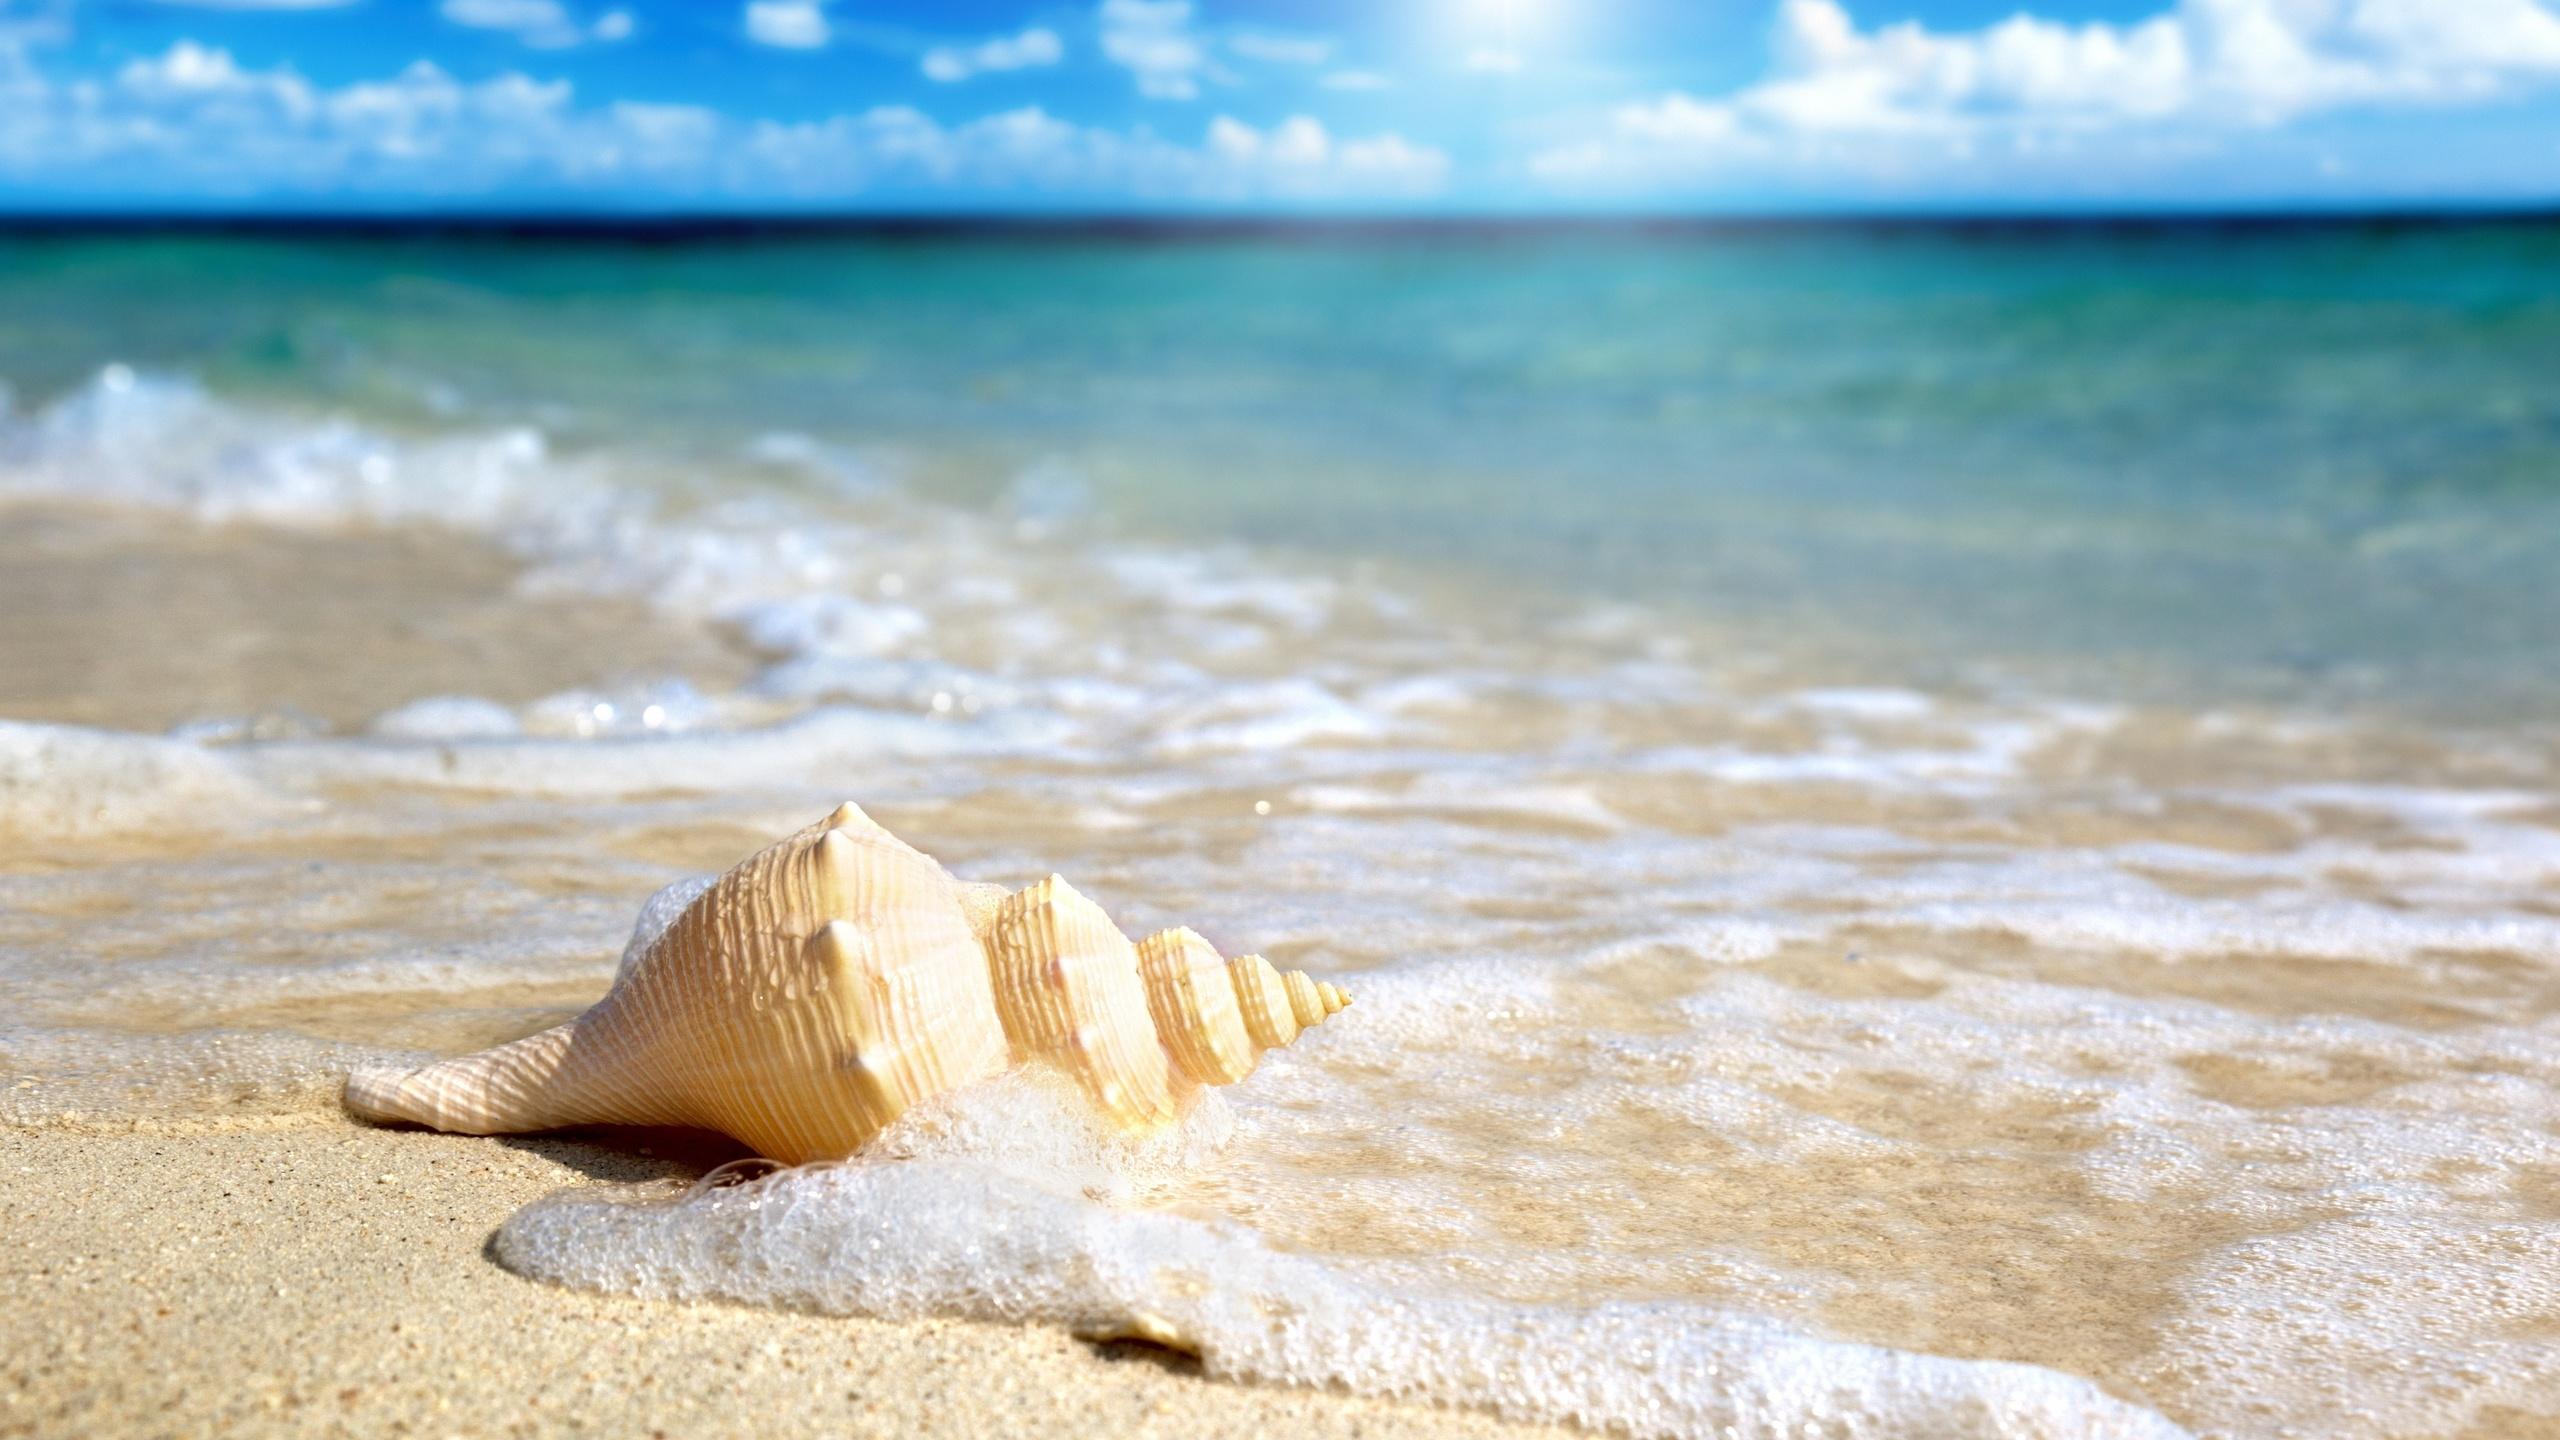 Море во сне бурлит, штормит — к несчастливой влюбленности или к заботам, какие явятся последствием неуместной горячности.